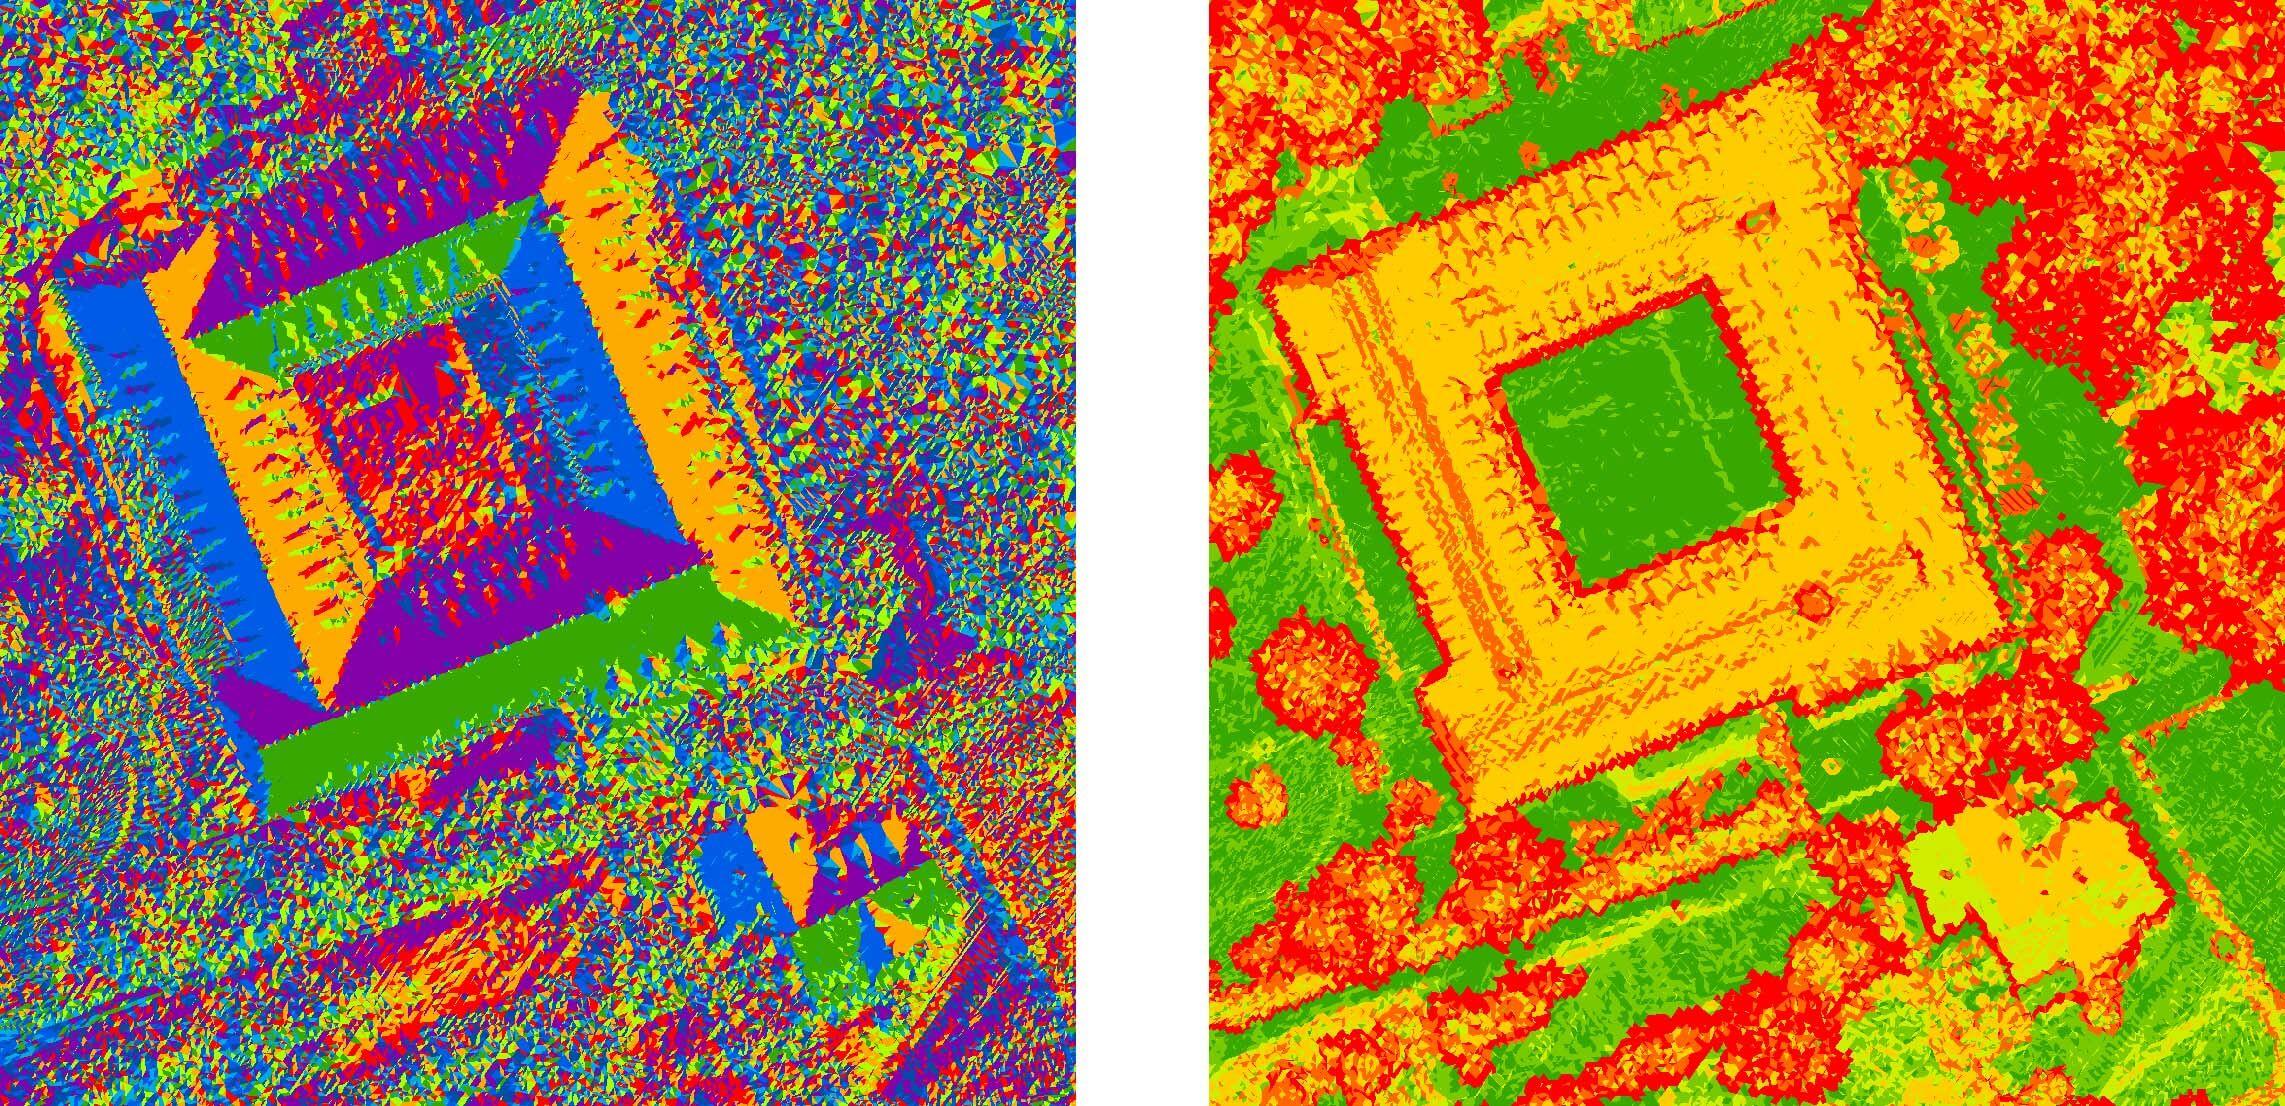 Rys. 5. Mapa ekspozycji i spadków dachów wygenerowana w oprogramowaniu LP360 w celu określenia optymalnej lokalizacji kolektorów słonecznych.